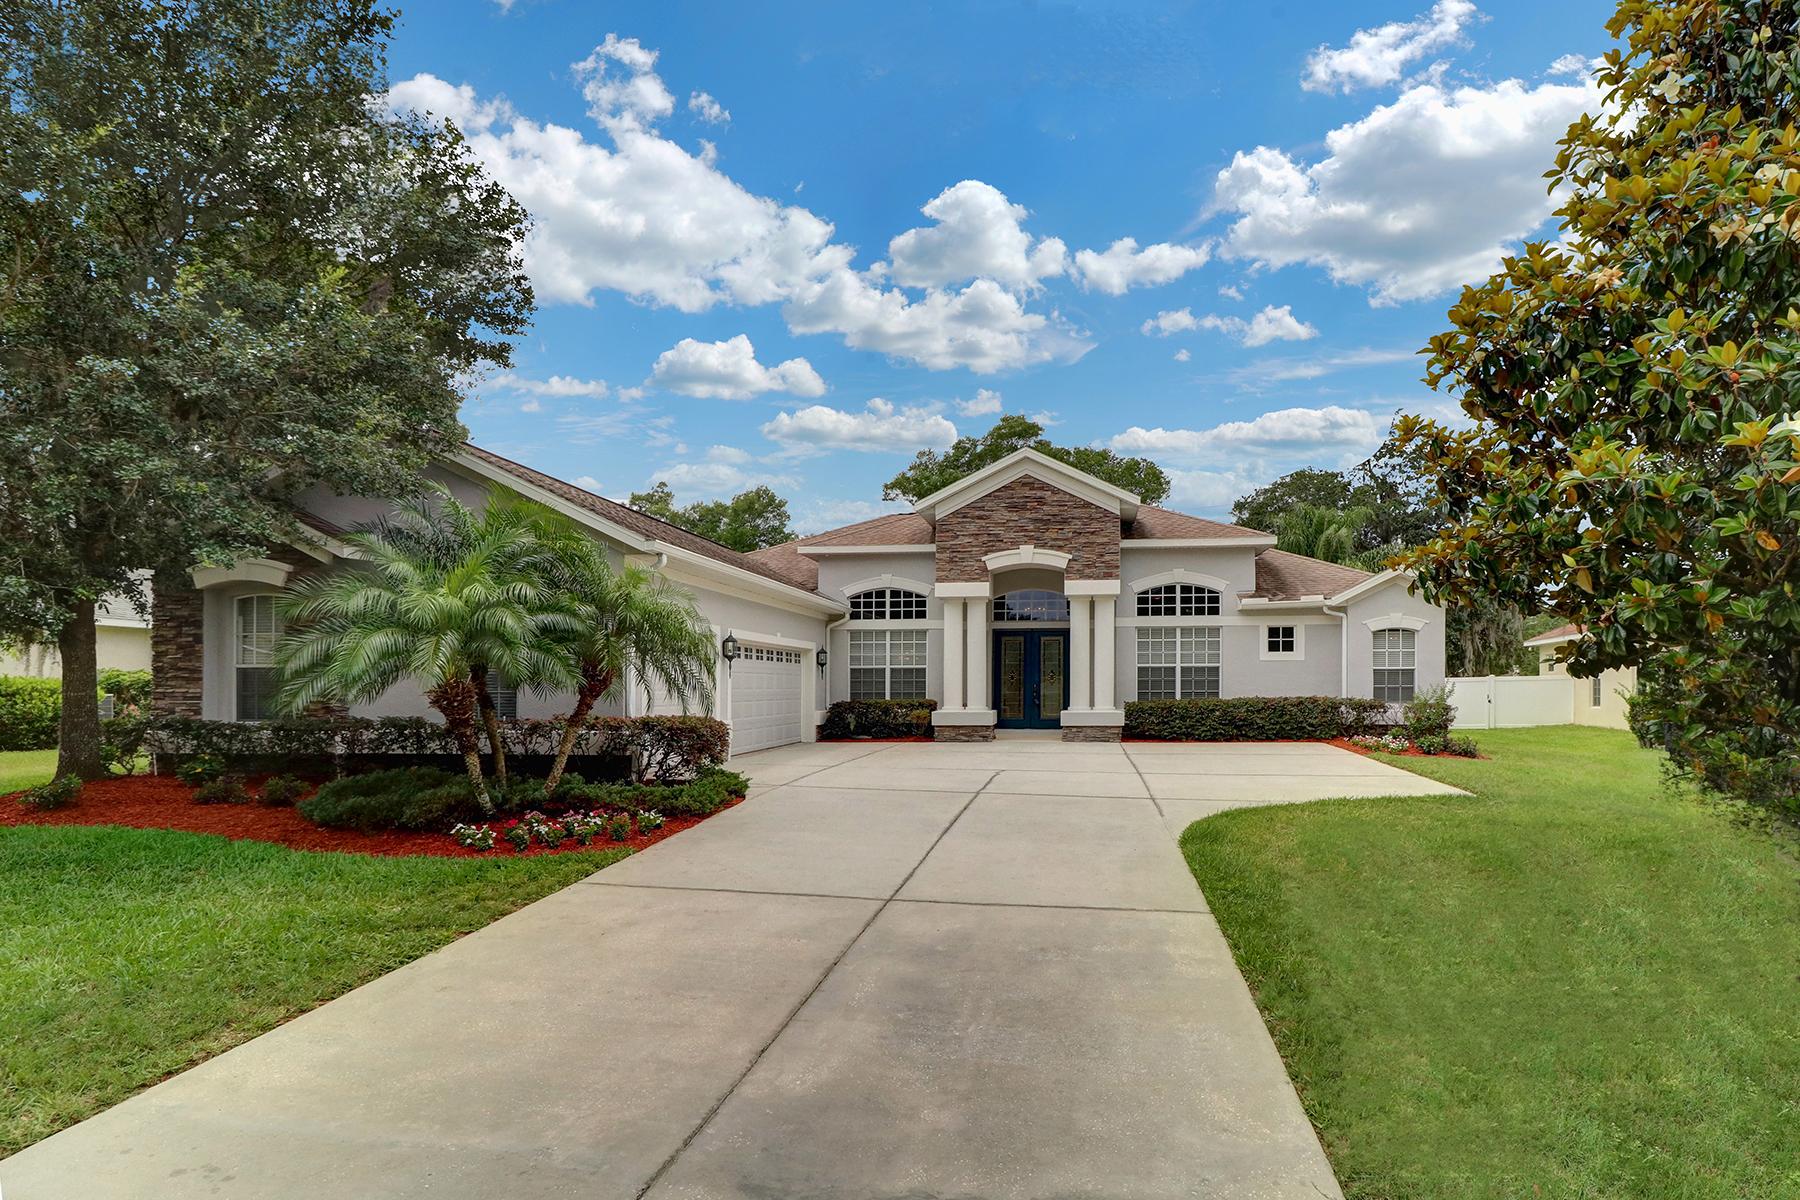 단독 가정 주택 용 매매 에 VALRICO 1614 Brilliant Cut Way Valrico, 플로리다, 33594 미국